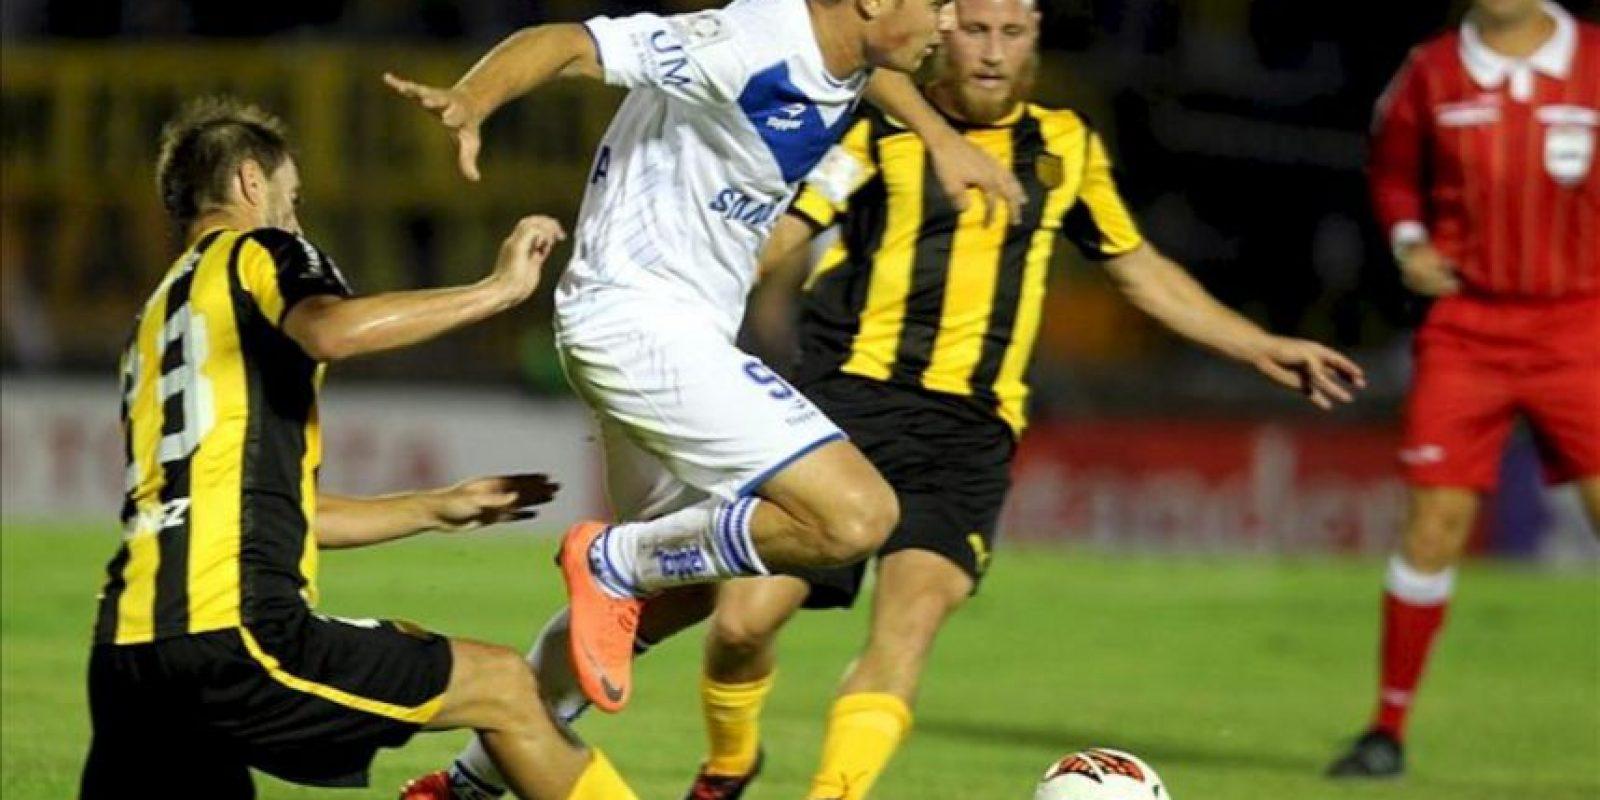 El jugador Ezequiel Rescaldani (c) de Vélez Sarsfield de Argentina disputa el balón con Carlos Valdez (i) de Peñarol de Uruguay durante un partido por la segunda fase de la Copa Libertadores en el estadio Centenario. EFE